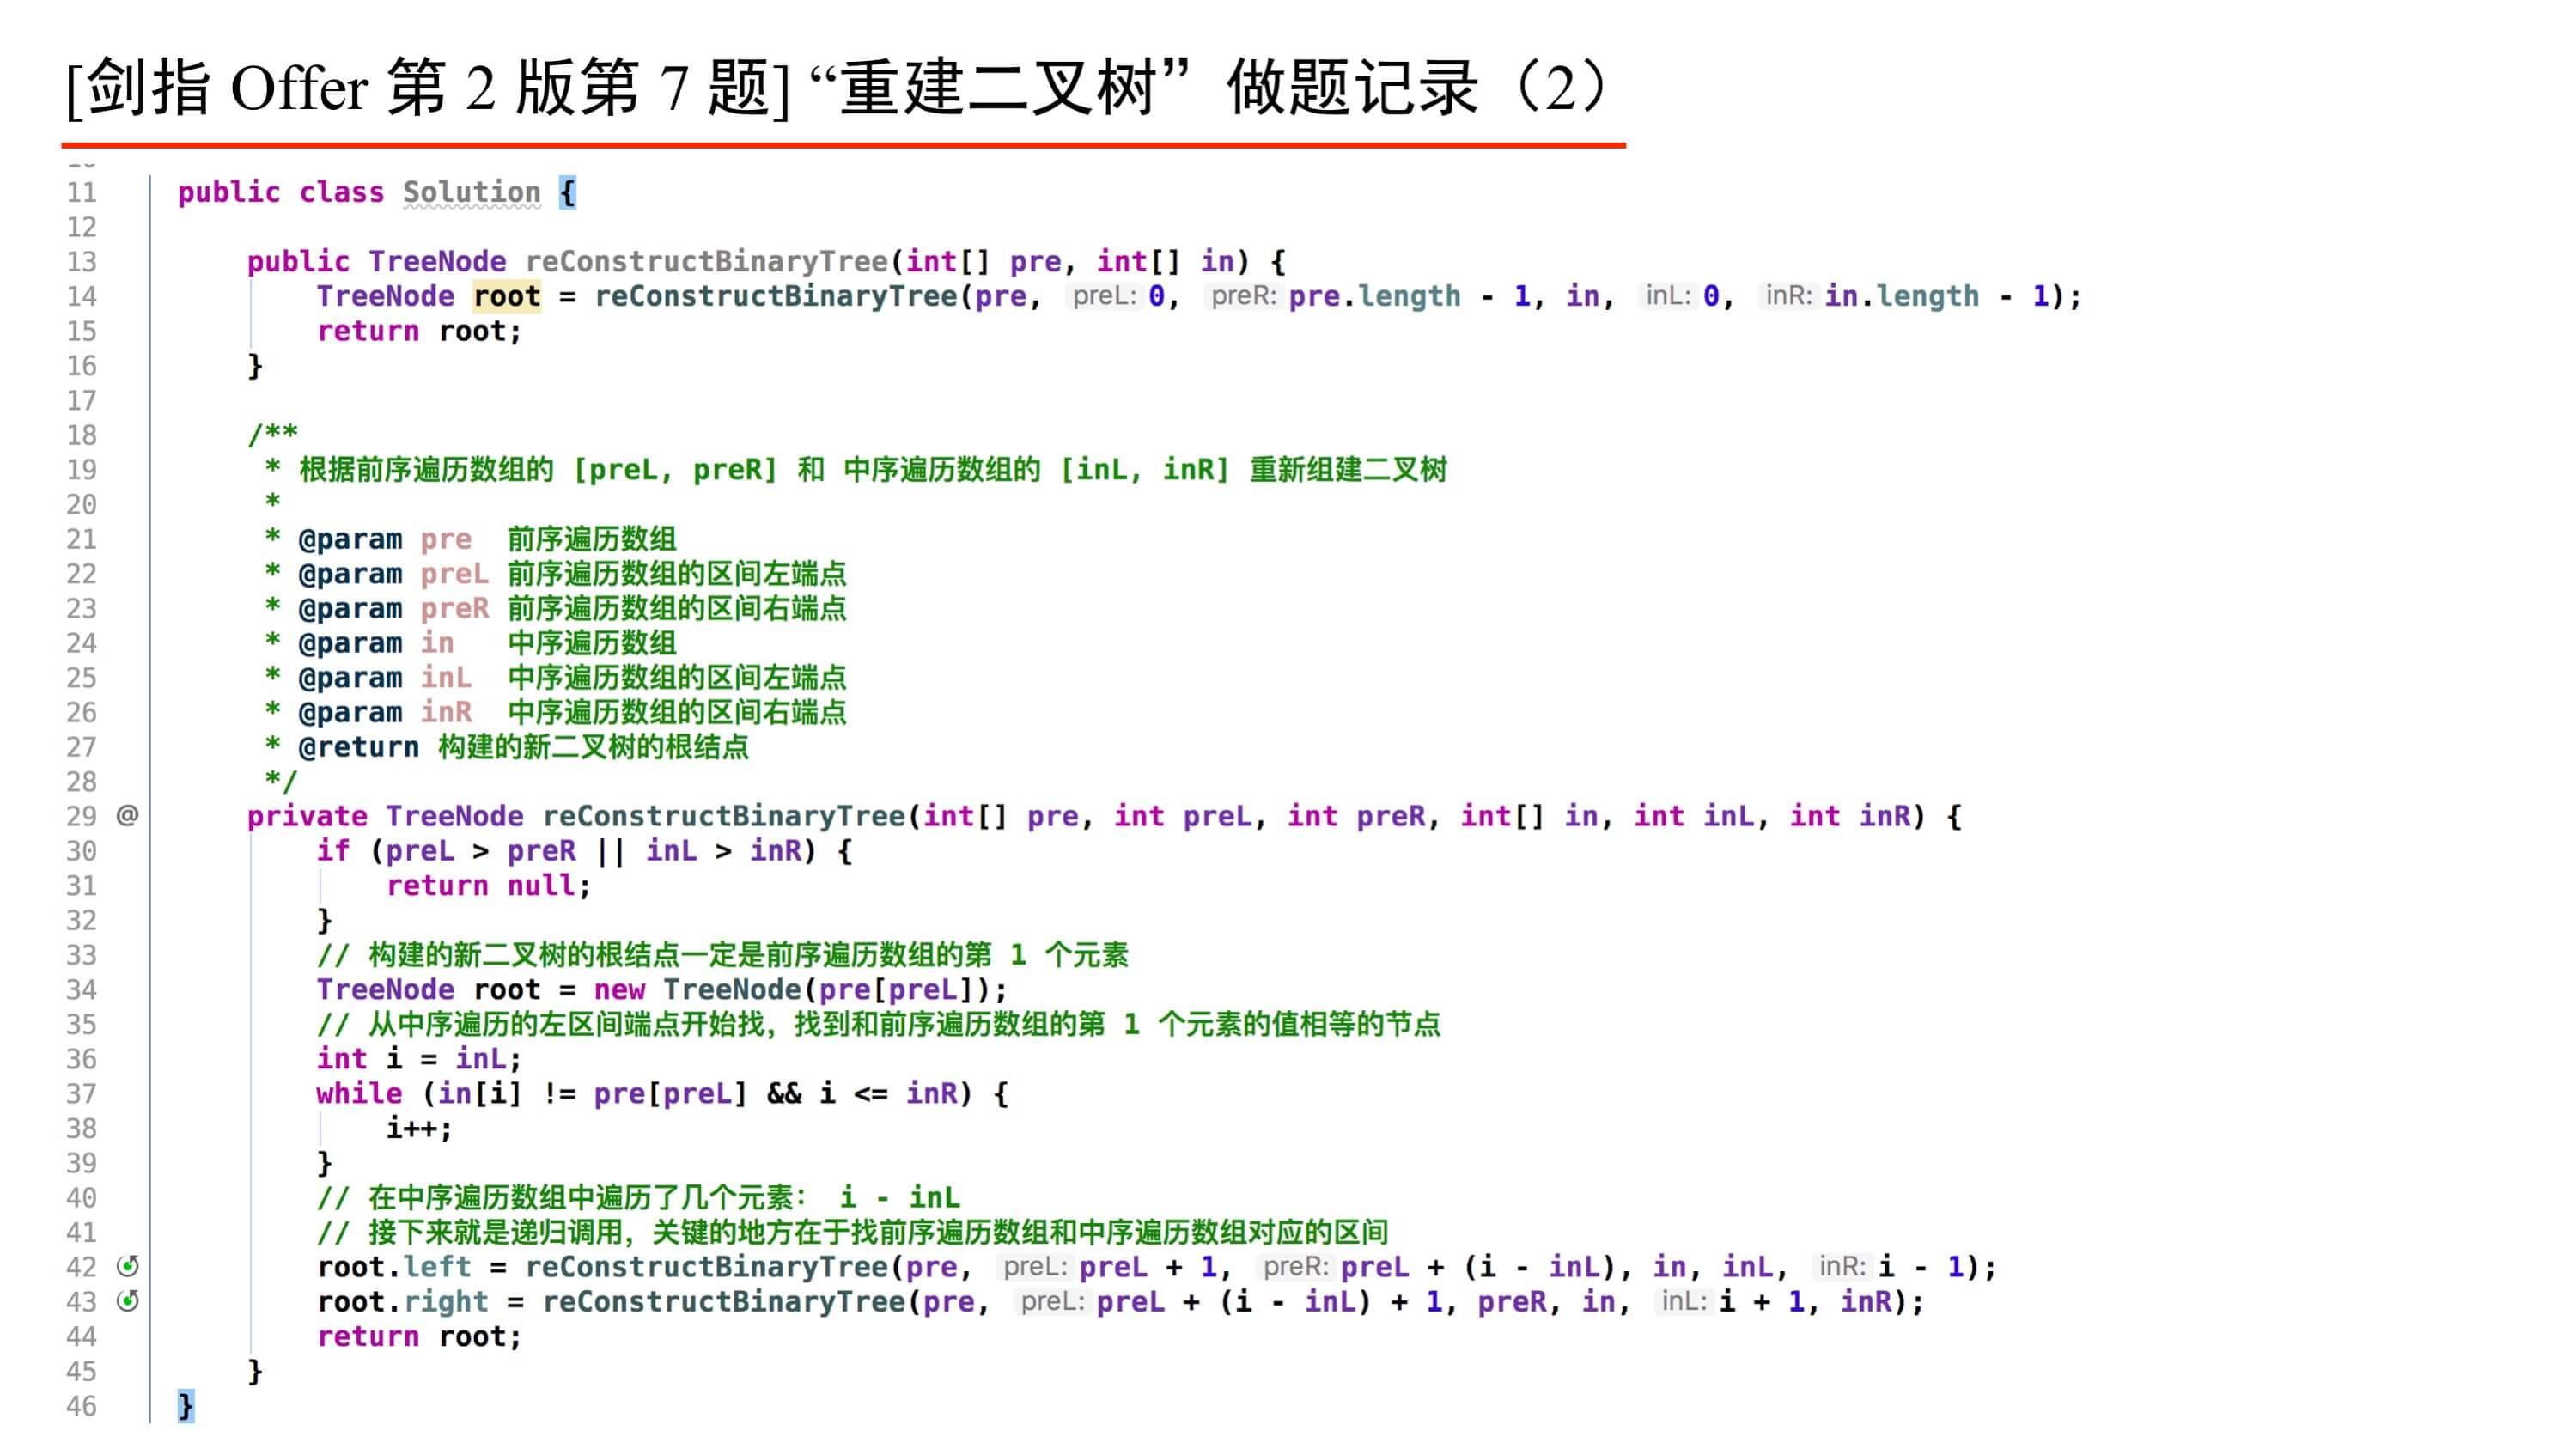 liwei20191016_2.png